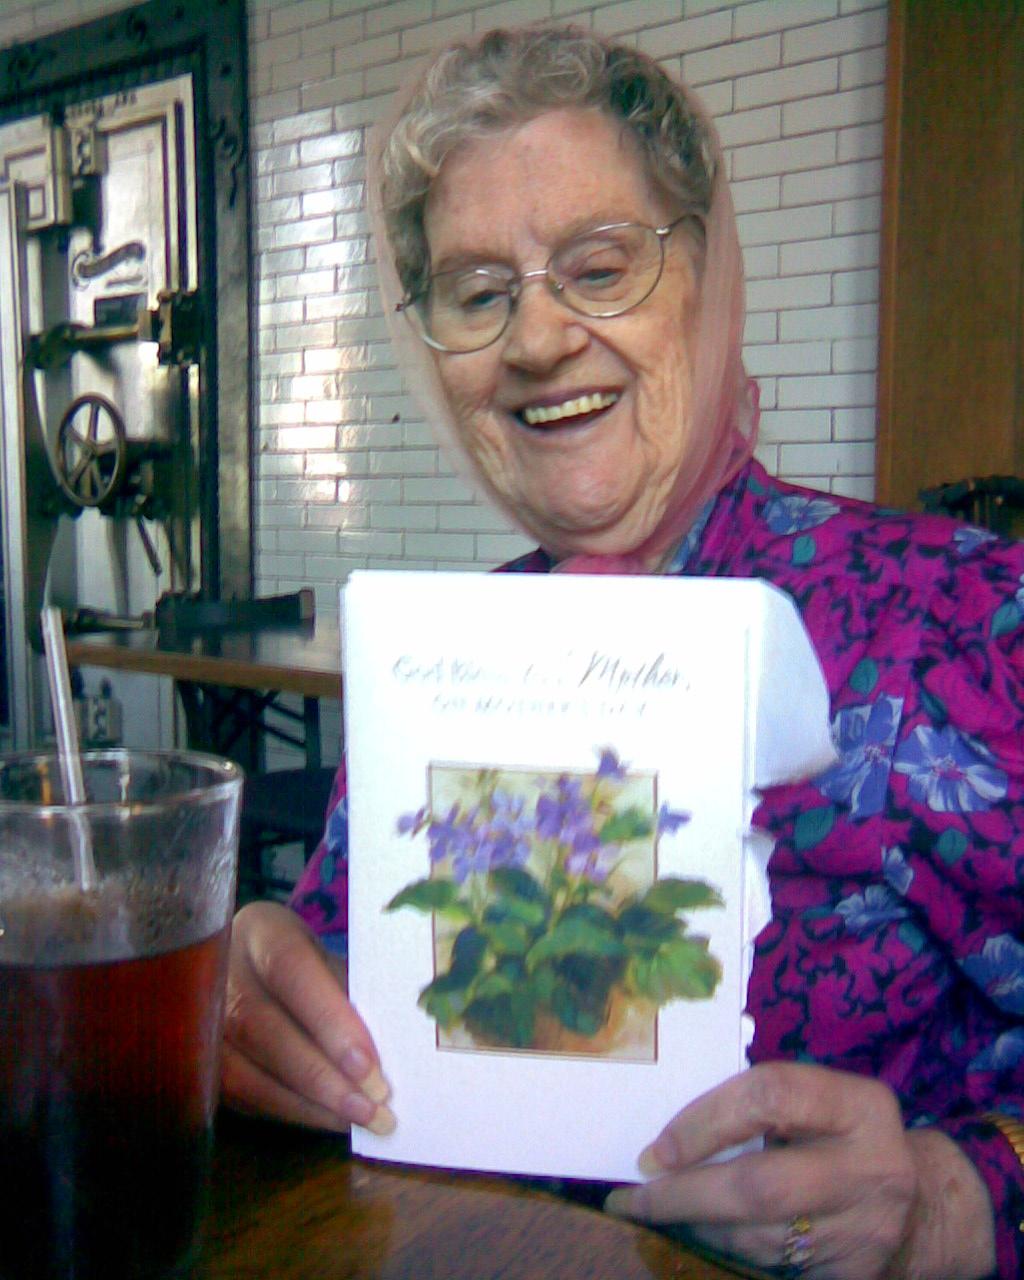 http://2.bp.blogspot.com/_3syXZt2GvO0/TG8oWIDYWMI/AAAAAAAADWU/X73Uw4p_0og/s1600/Lady+with+card.jpg